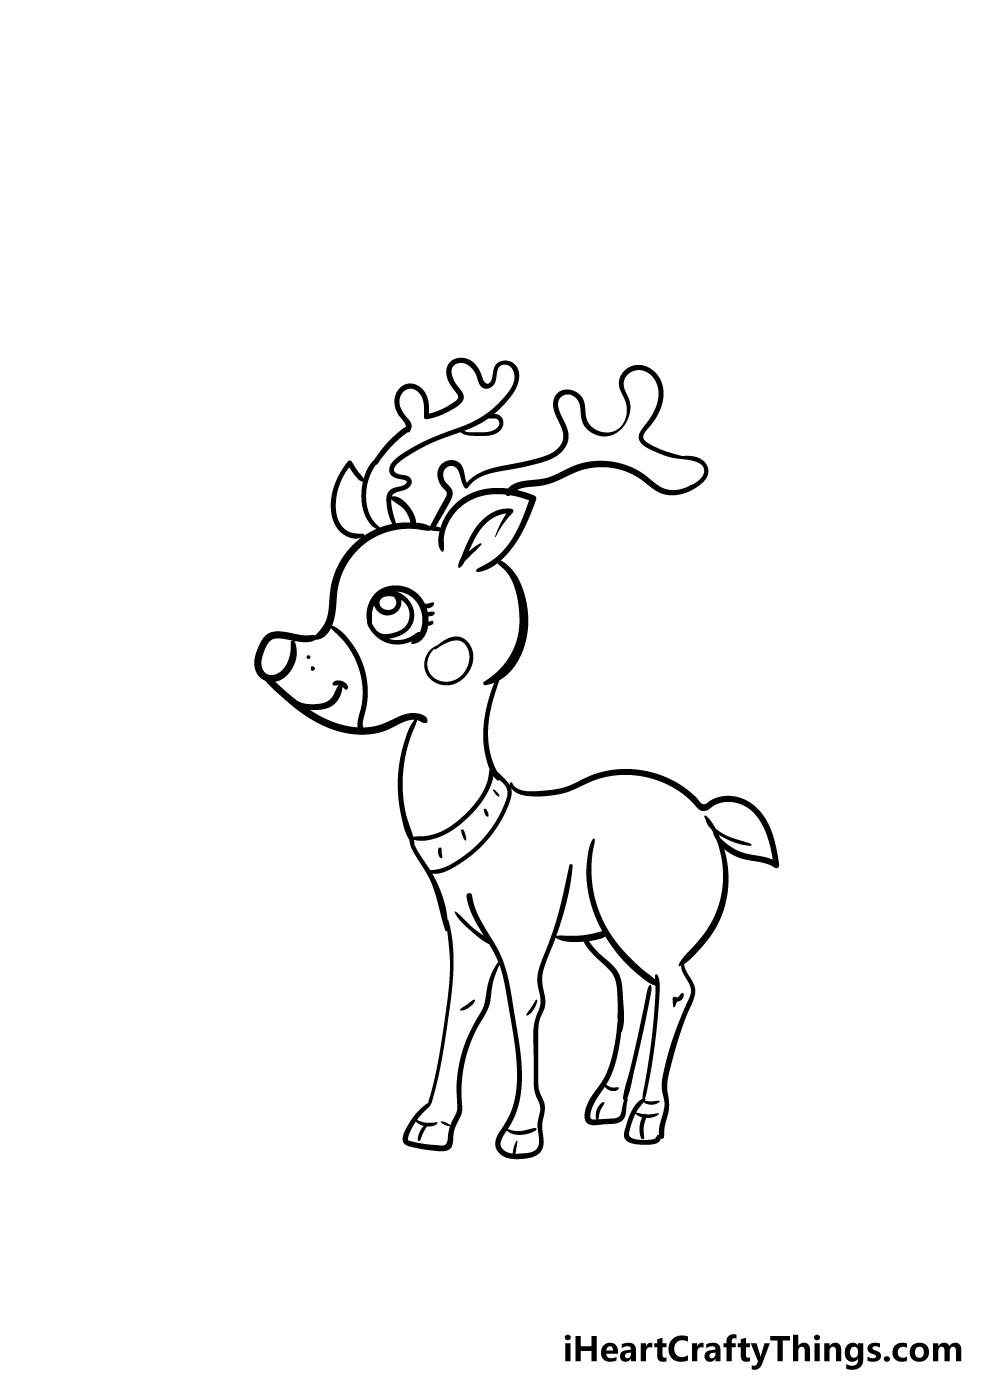 reindeer drawing step 7